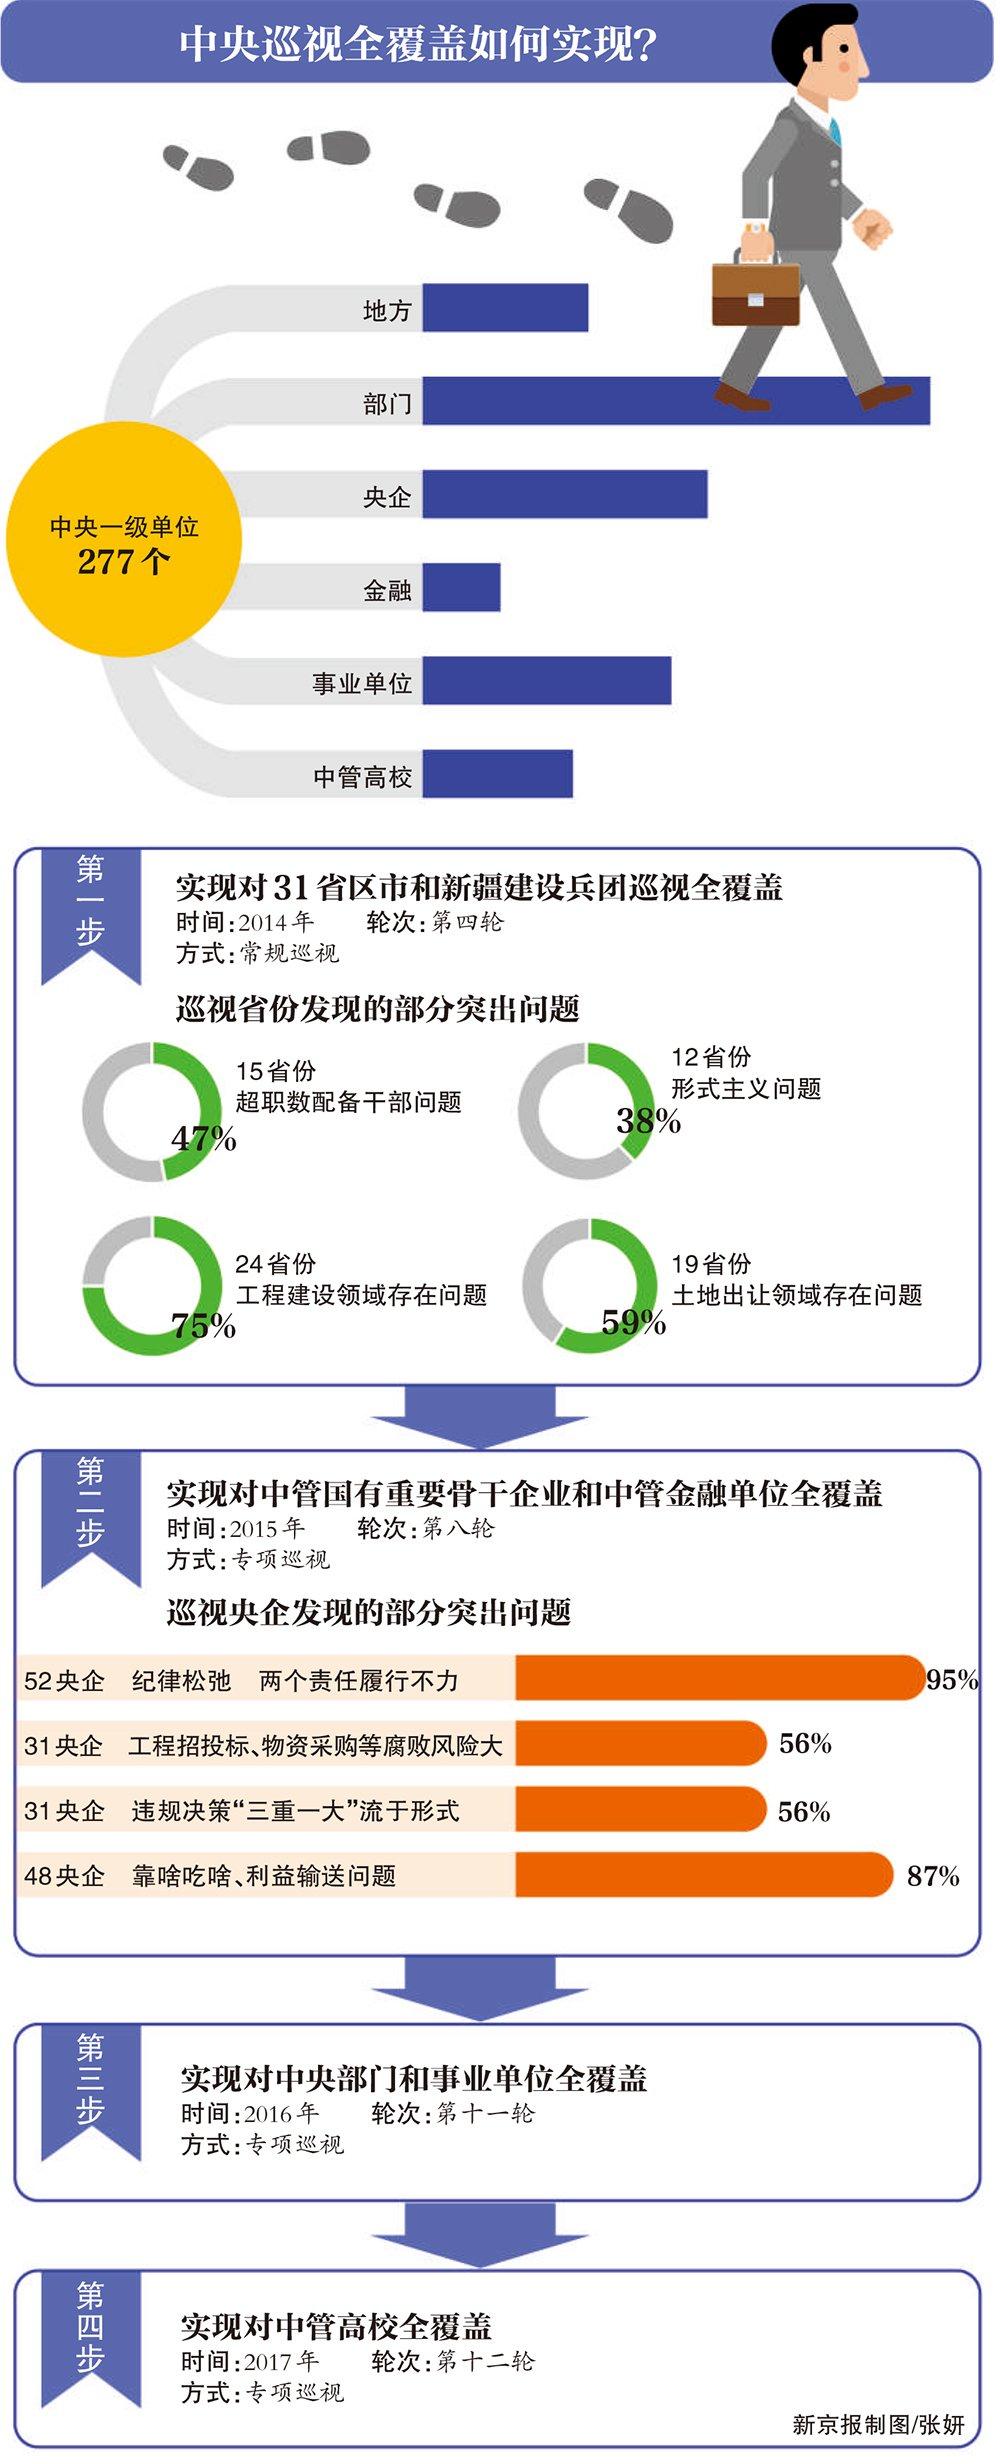 """十八届中央最后一轮巡视反馈 陕西吉林存在""""好人主义"""""""